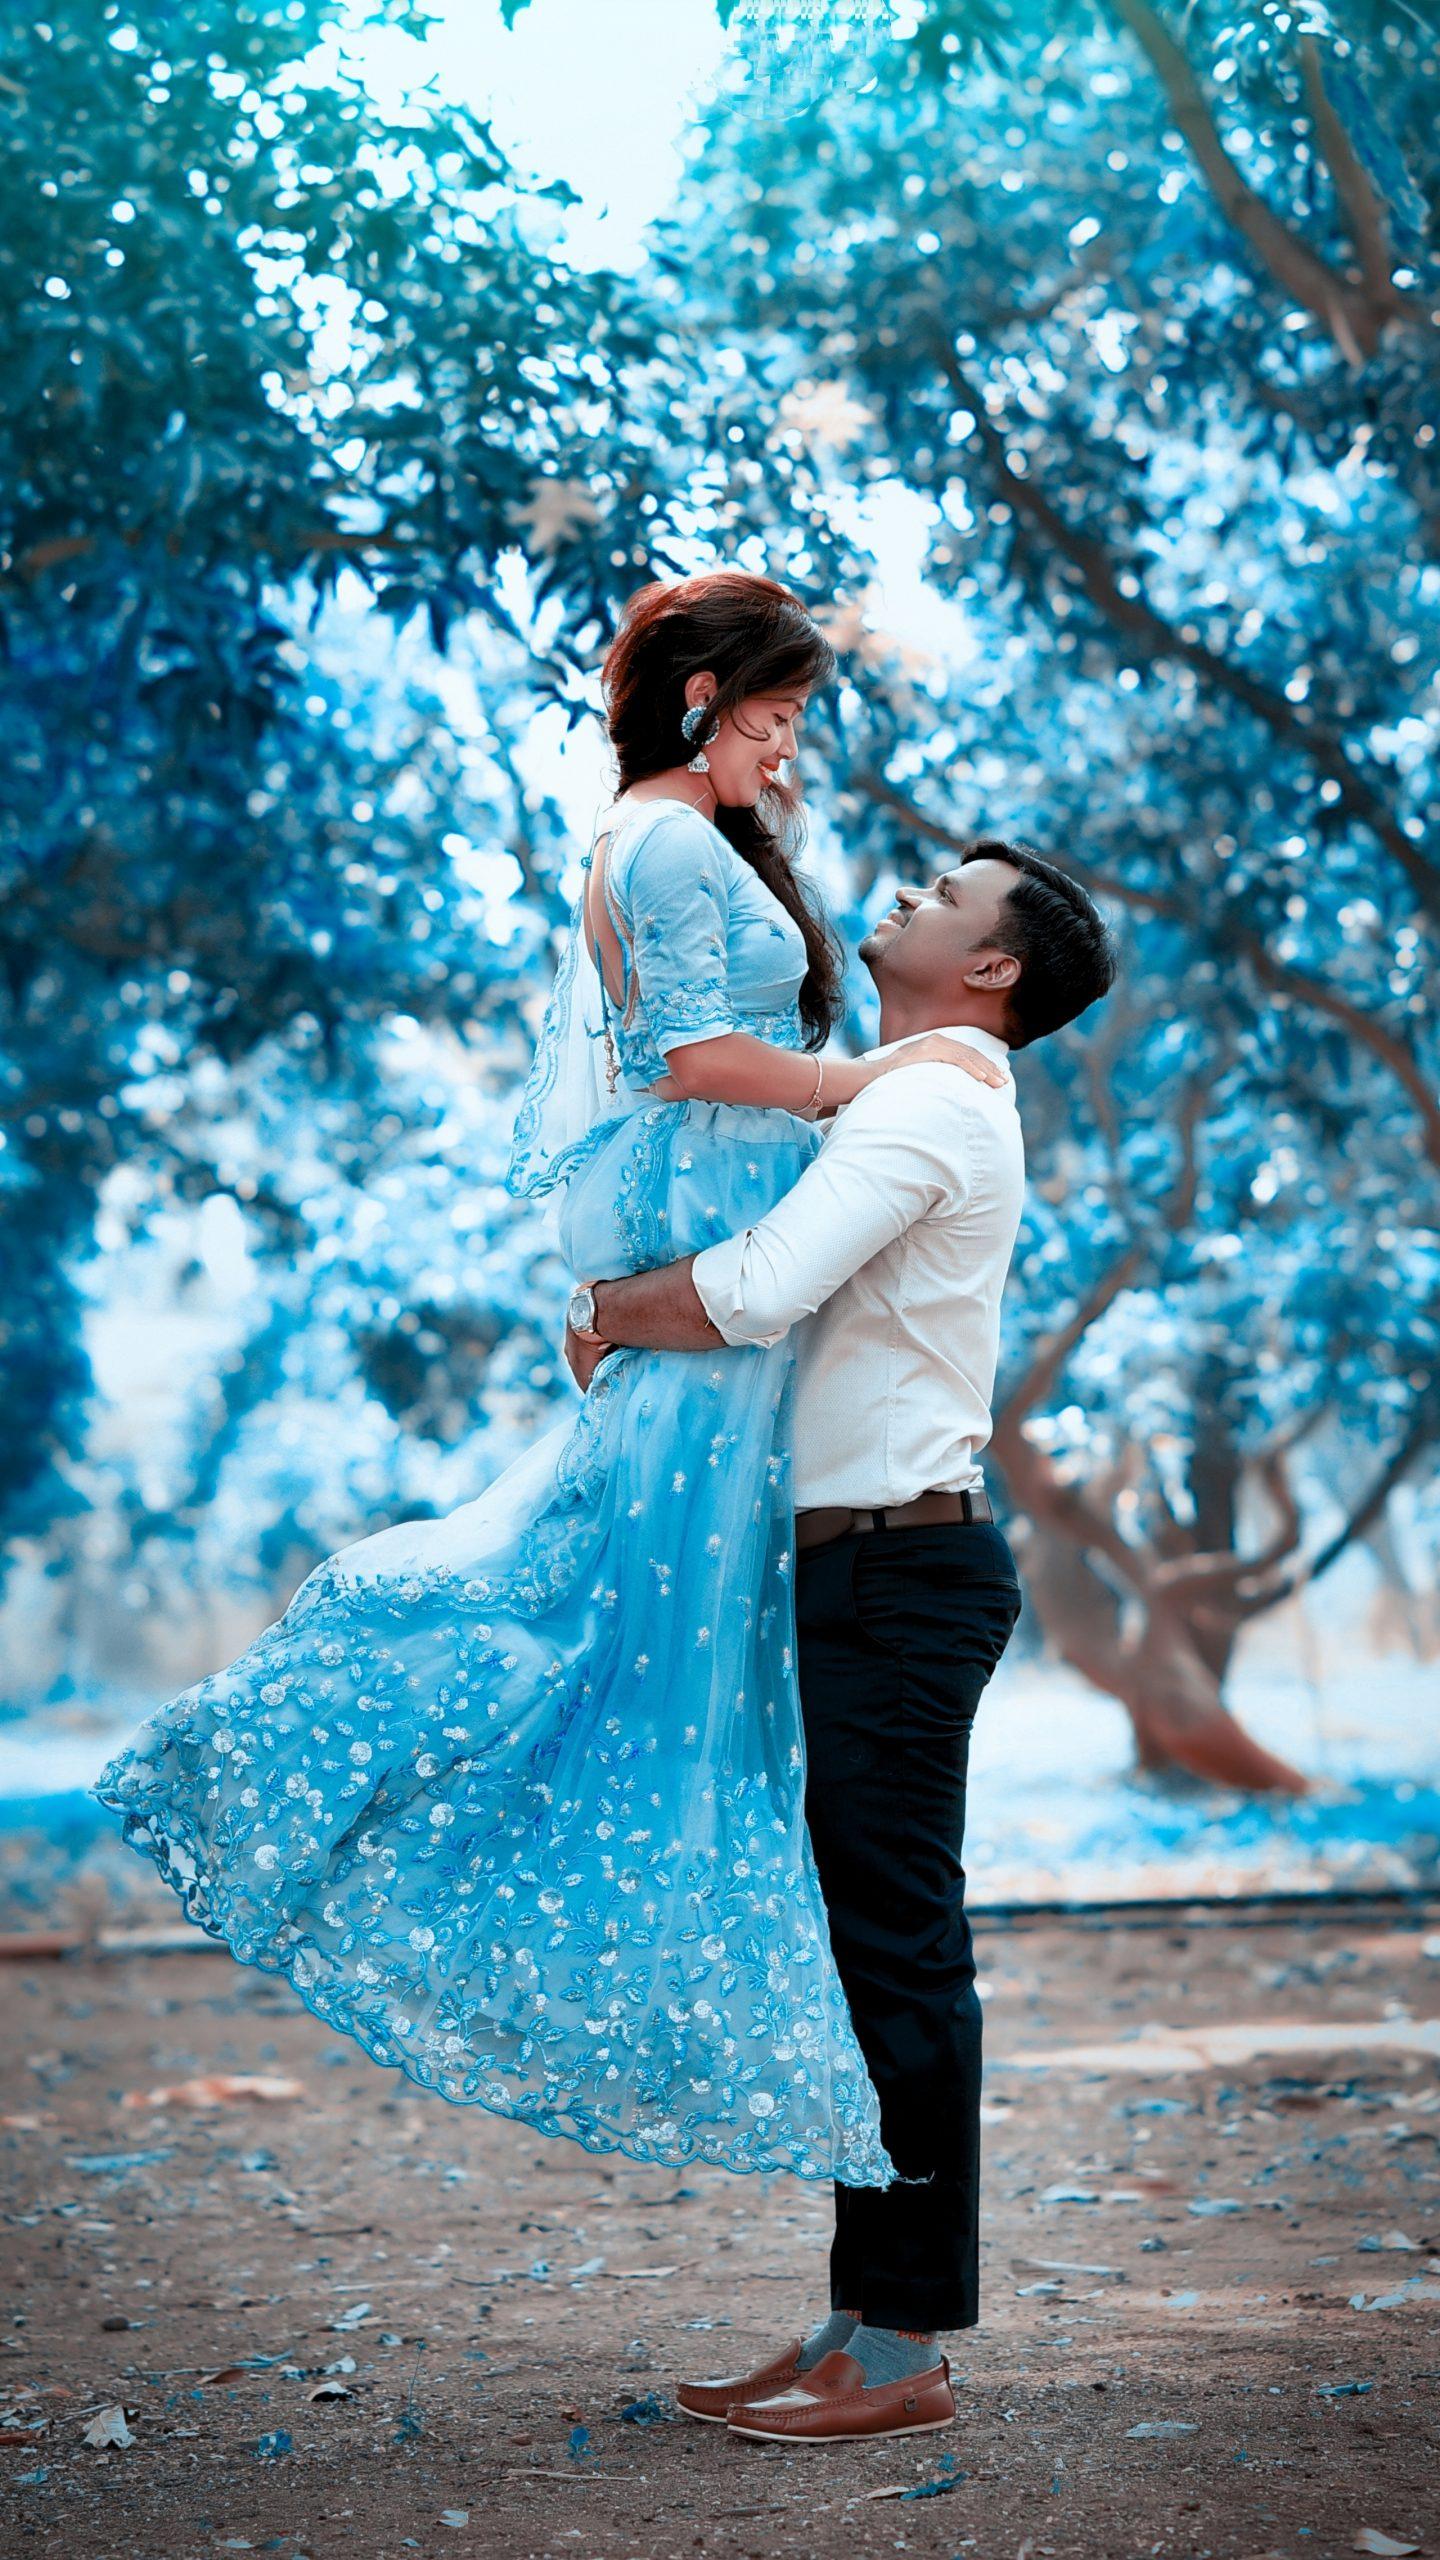 Pre wedding couple photoshoot